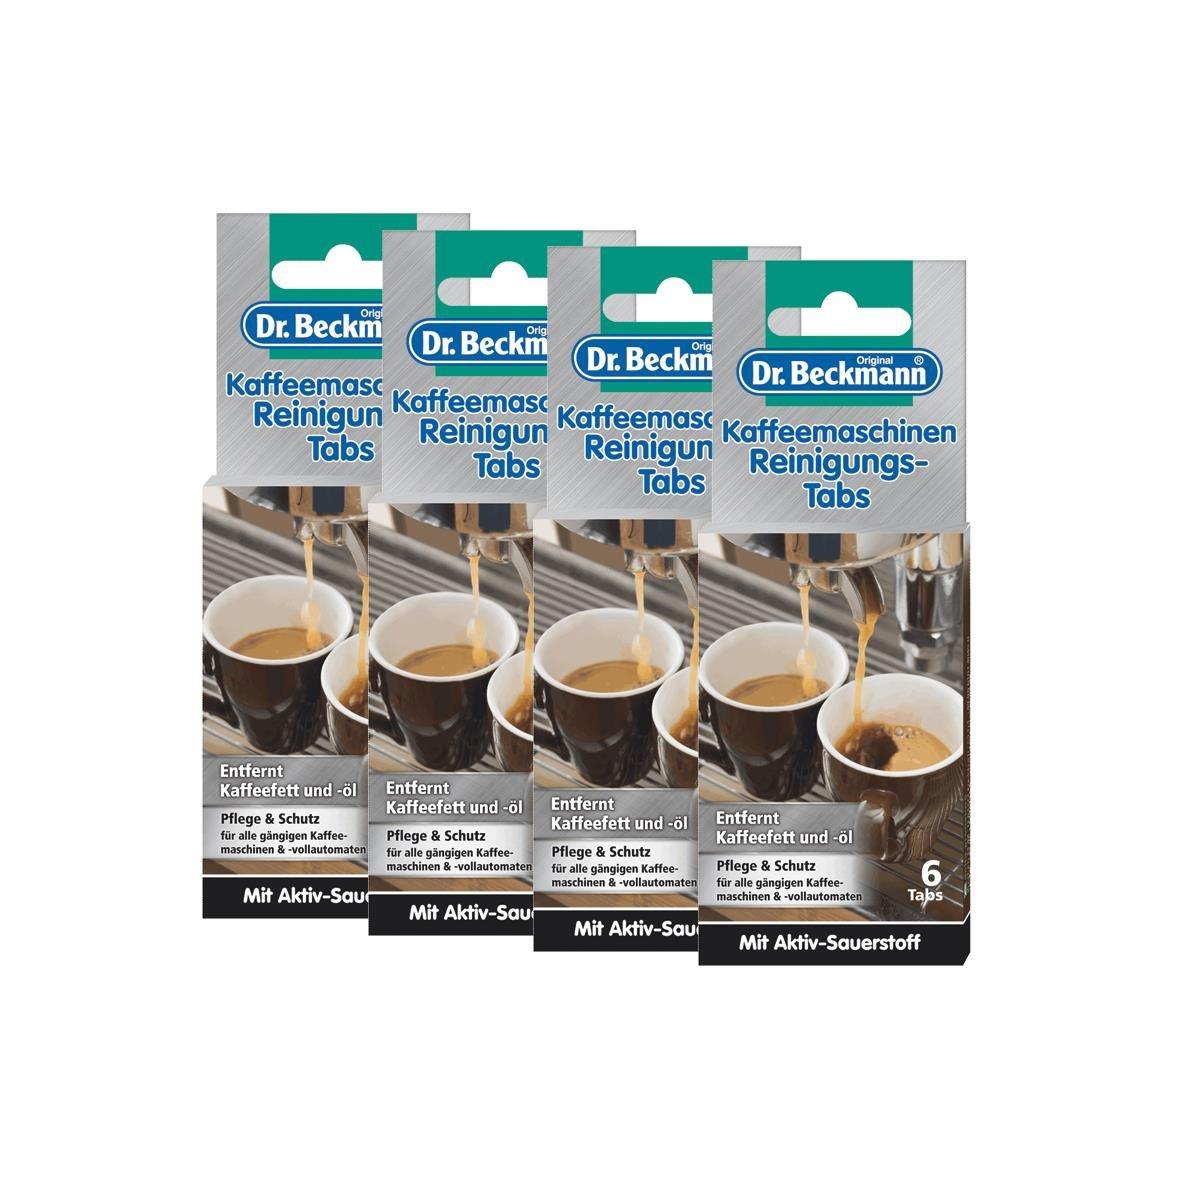 4 x máquina de café Dr. Beckmann de limpieza table Tabs - elimina el aceite y la grasa café: Amazon.es: Hogar